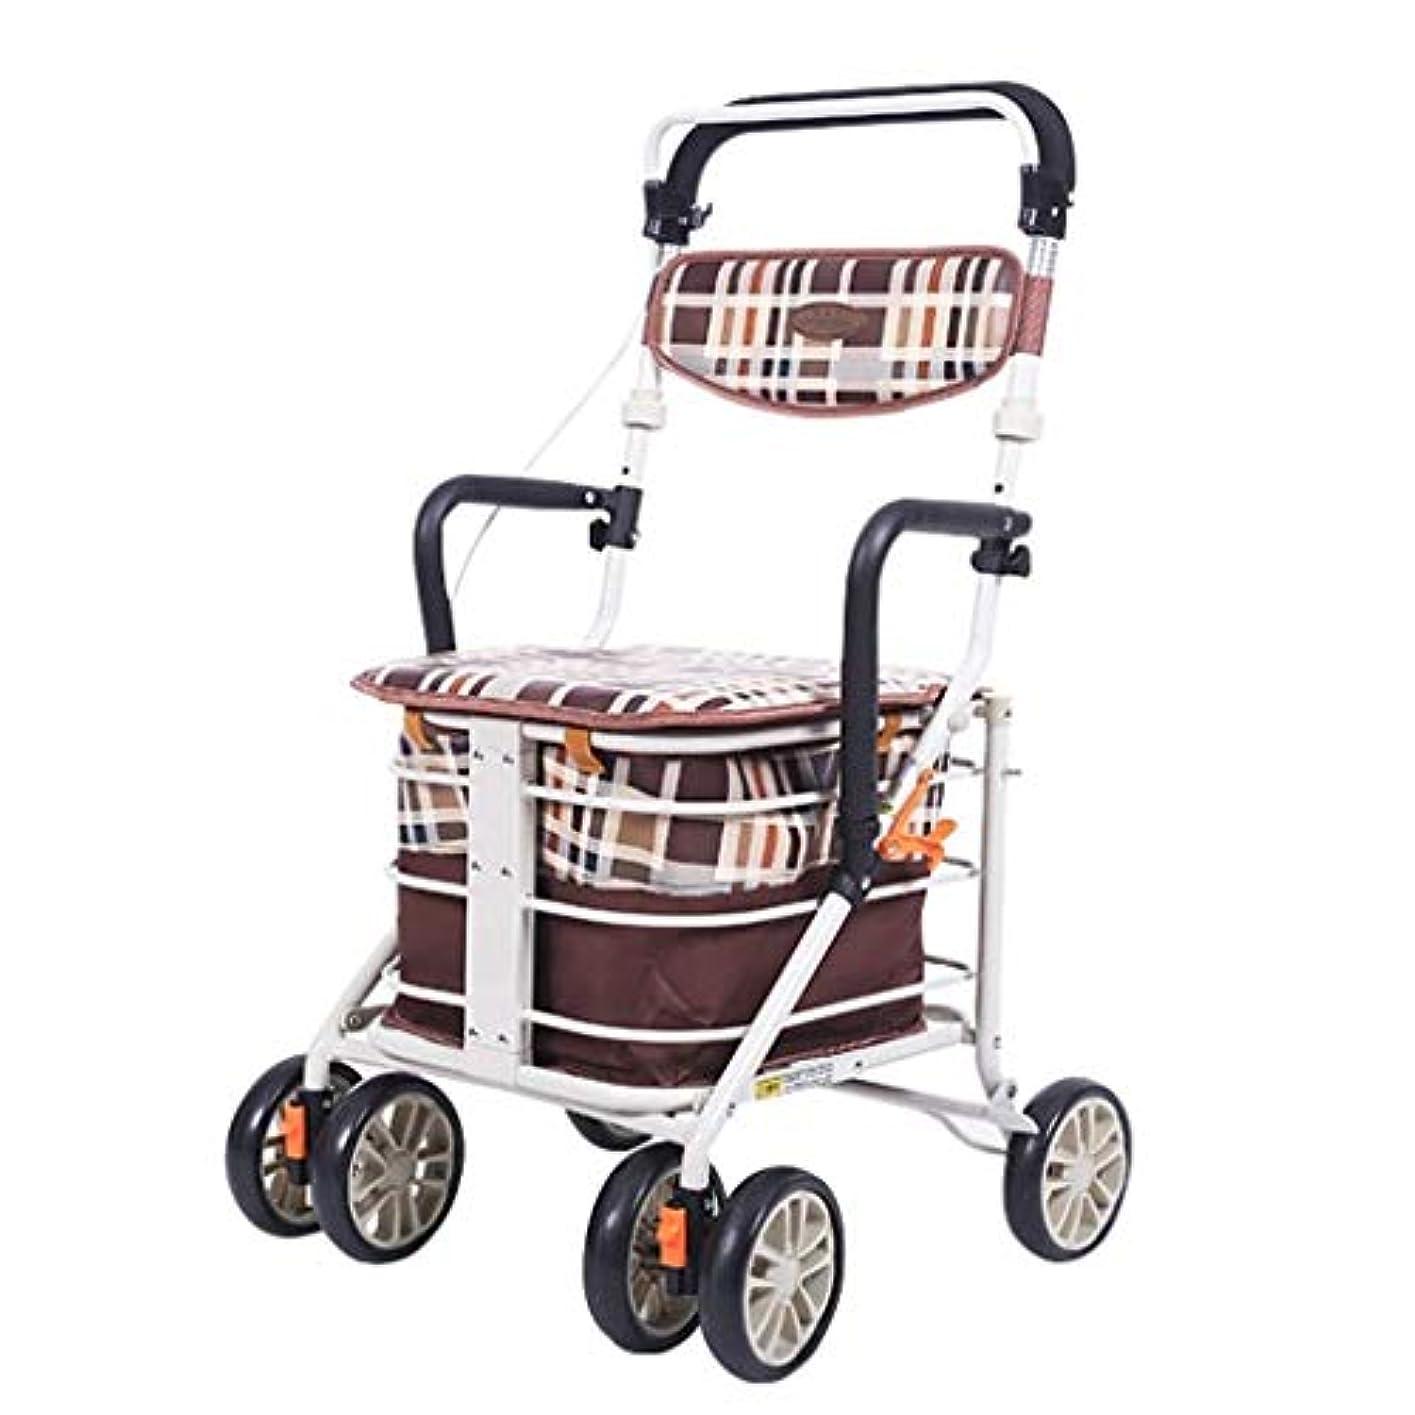 概念手を差し伸べる評論家ハンドブレーキ高齢者歩行者が付いている軽量のアルミ合金の座席を折る多機能歩行者のトロリーショッピングカート